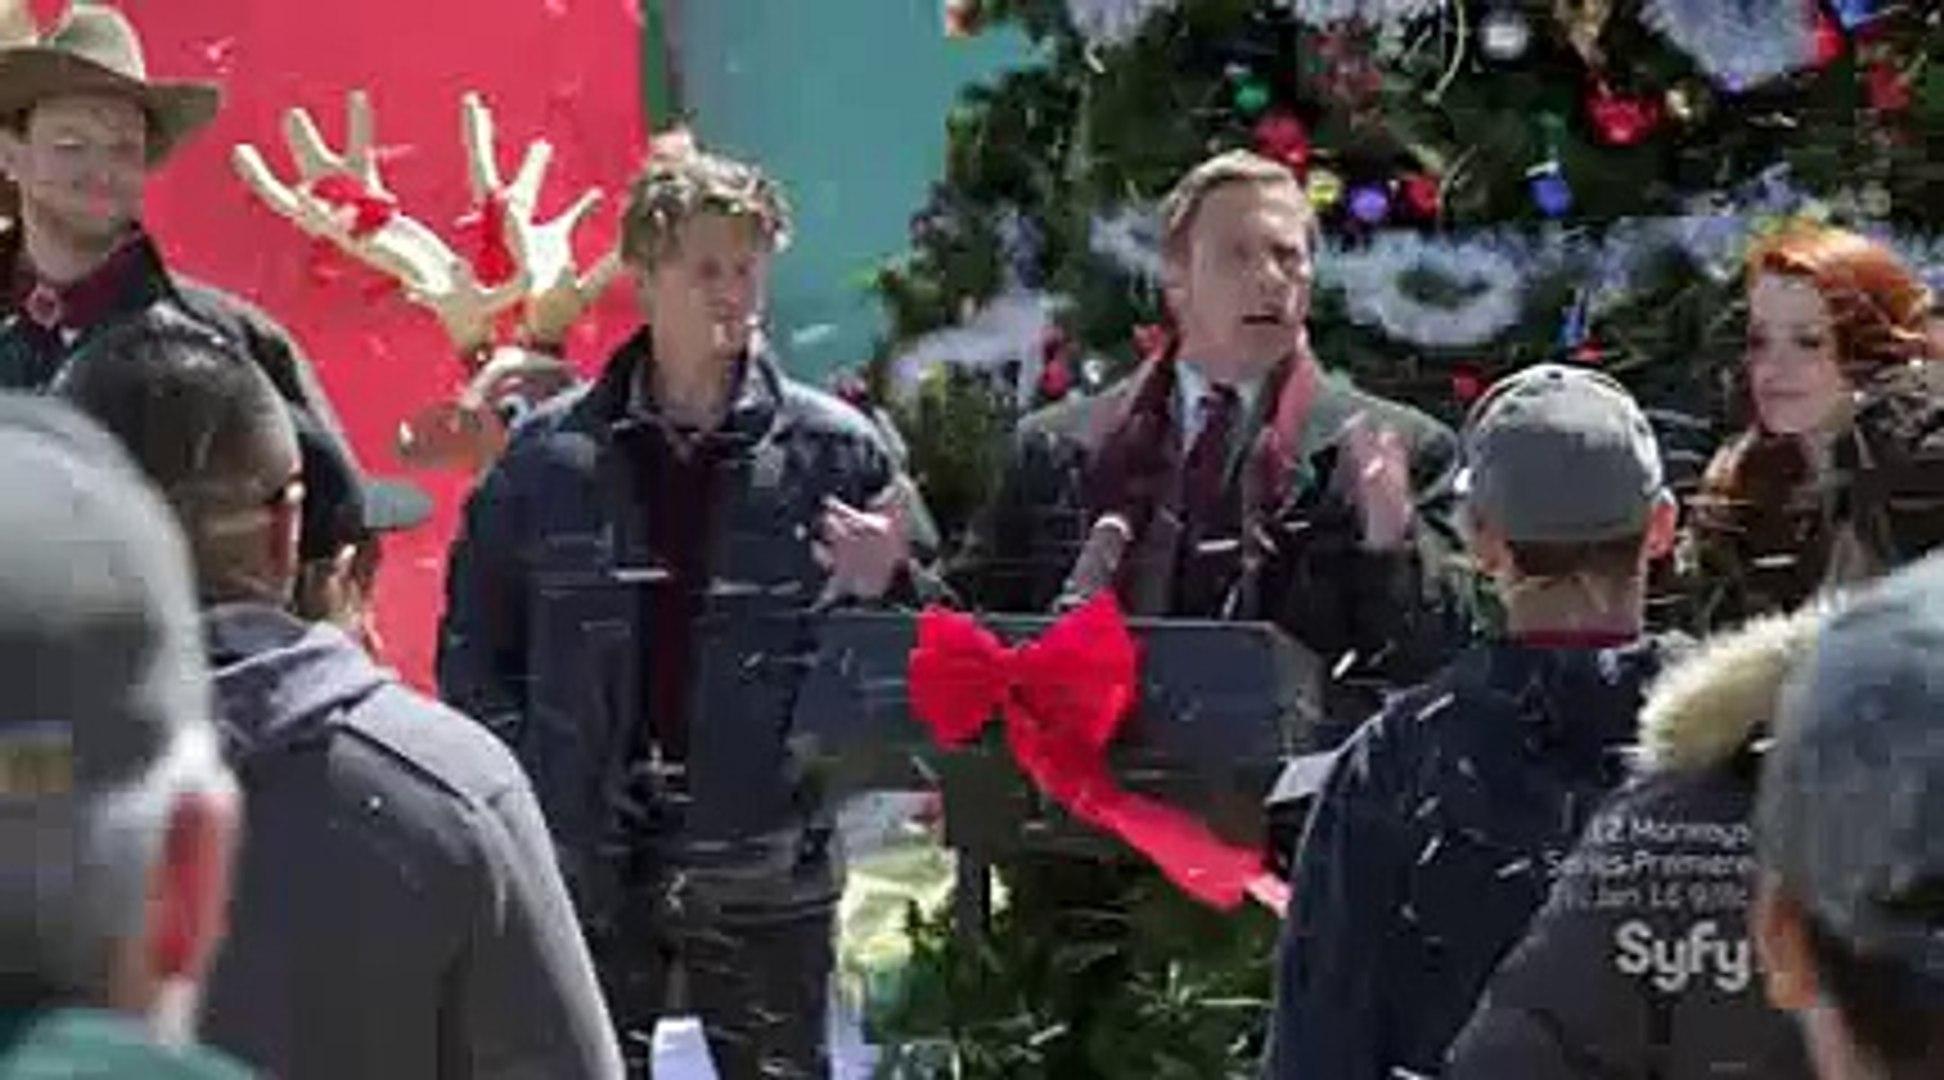 Christmas Icetastrophe.The Scene Falling Object From Space In The Movie Christmas Icetastrophe